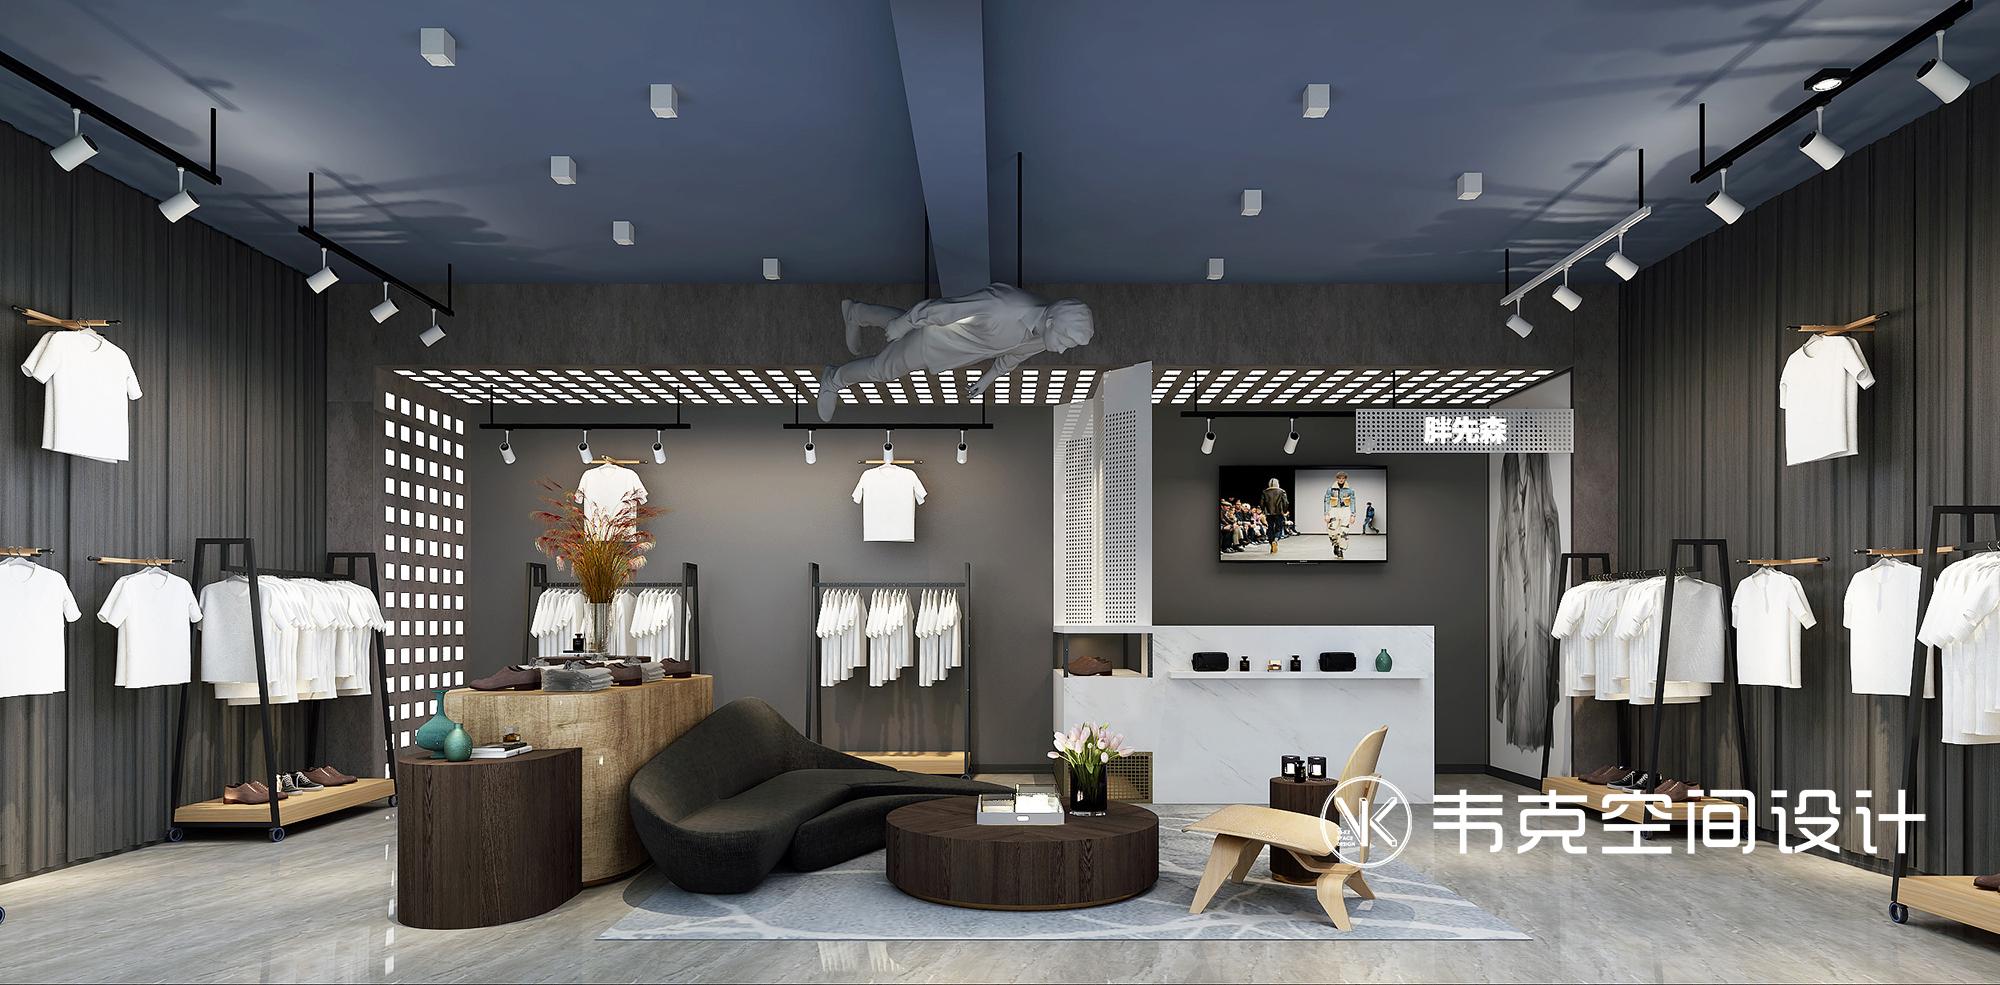 男装店 现代工业风 客厅图片来自韦克空间设计在男装店:接地气的绅士空间的分享